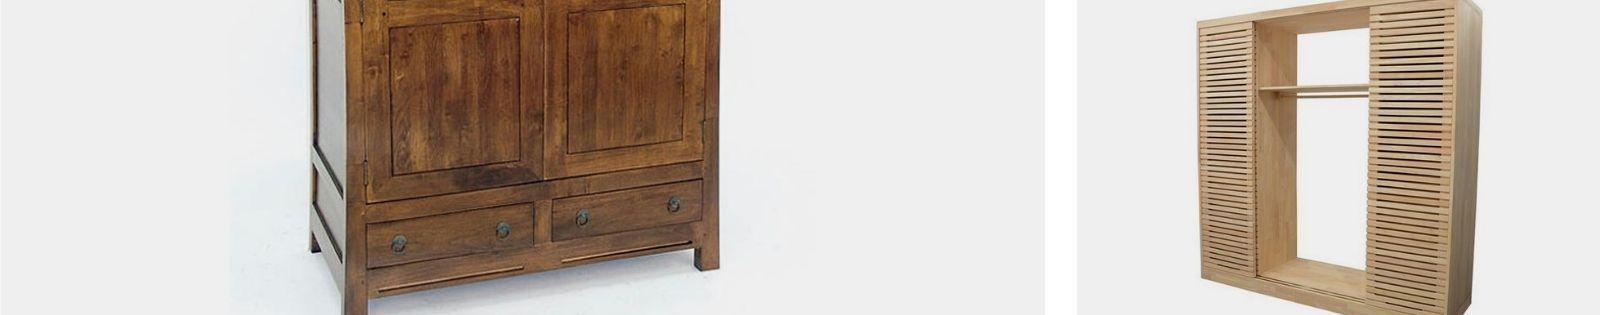 Armoires en bois massif : meubles haut de gamme en hévéa massif...